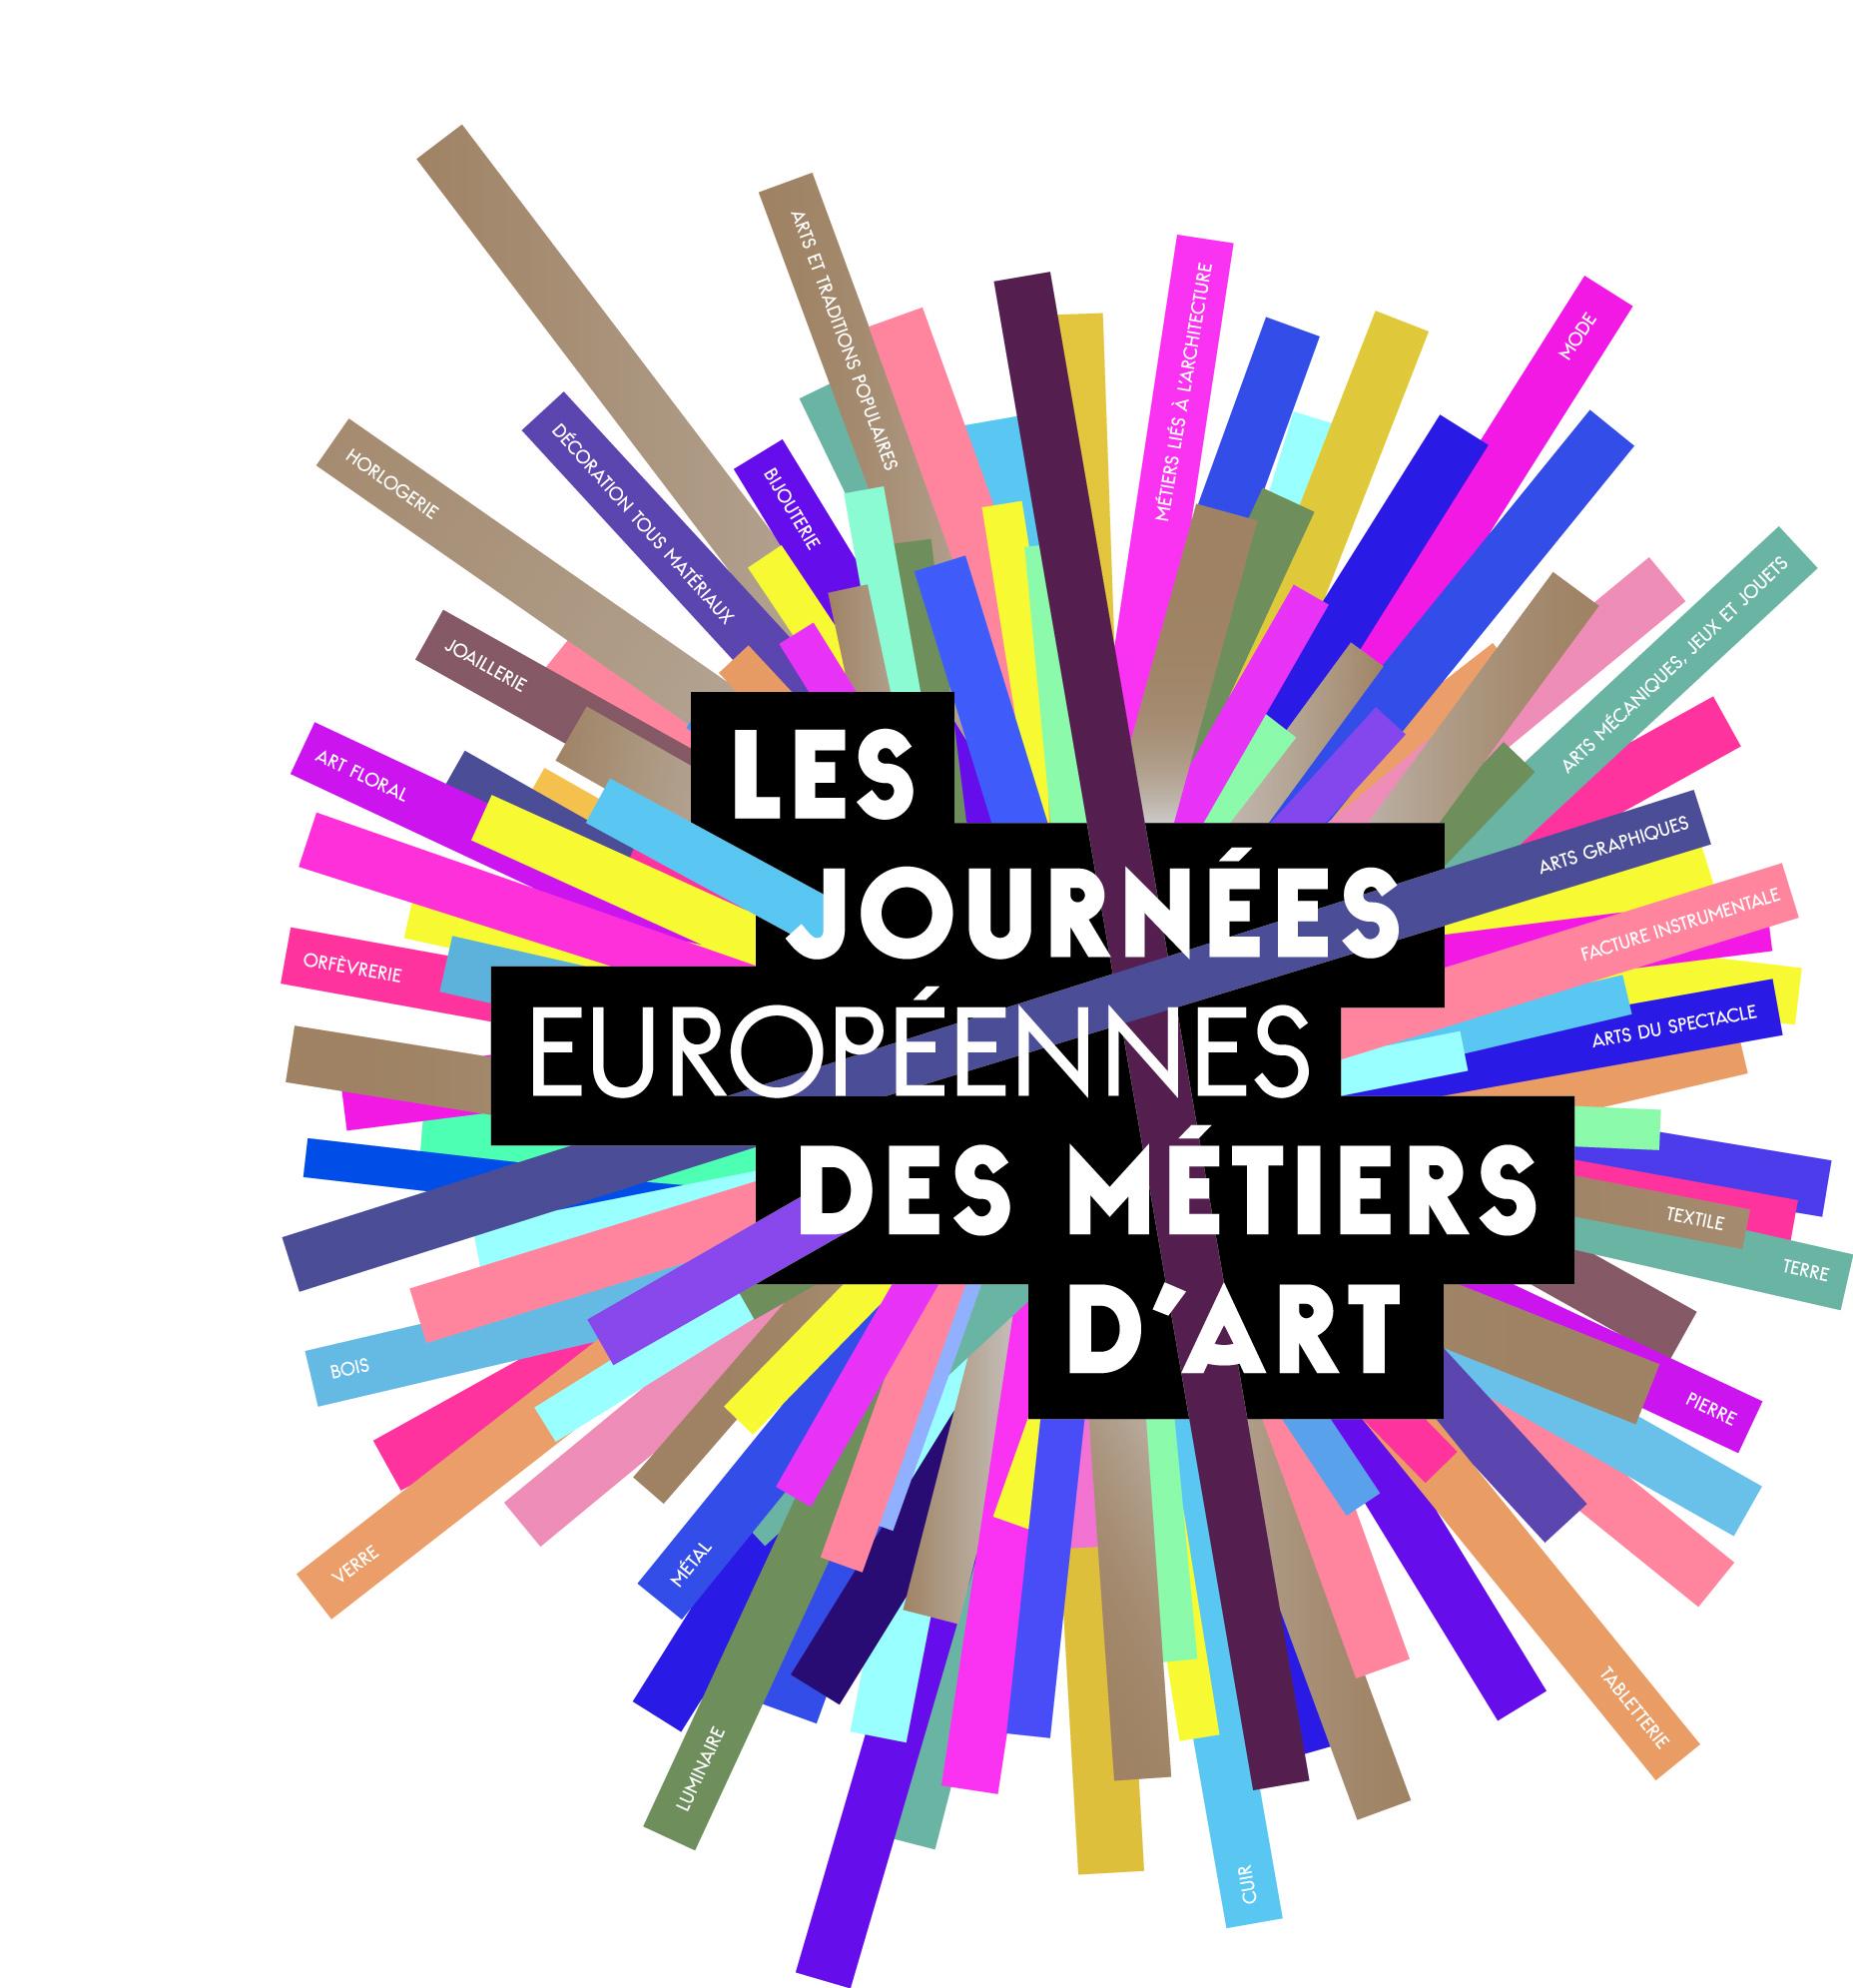 Journées Européennes des Métiers d'Art 2016 avec La Fabrique made in Bagnolet